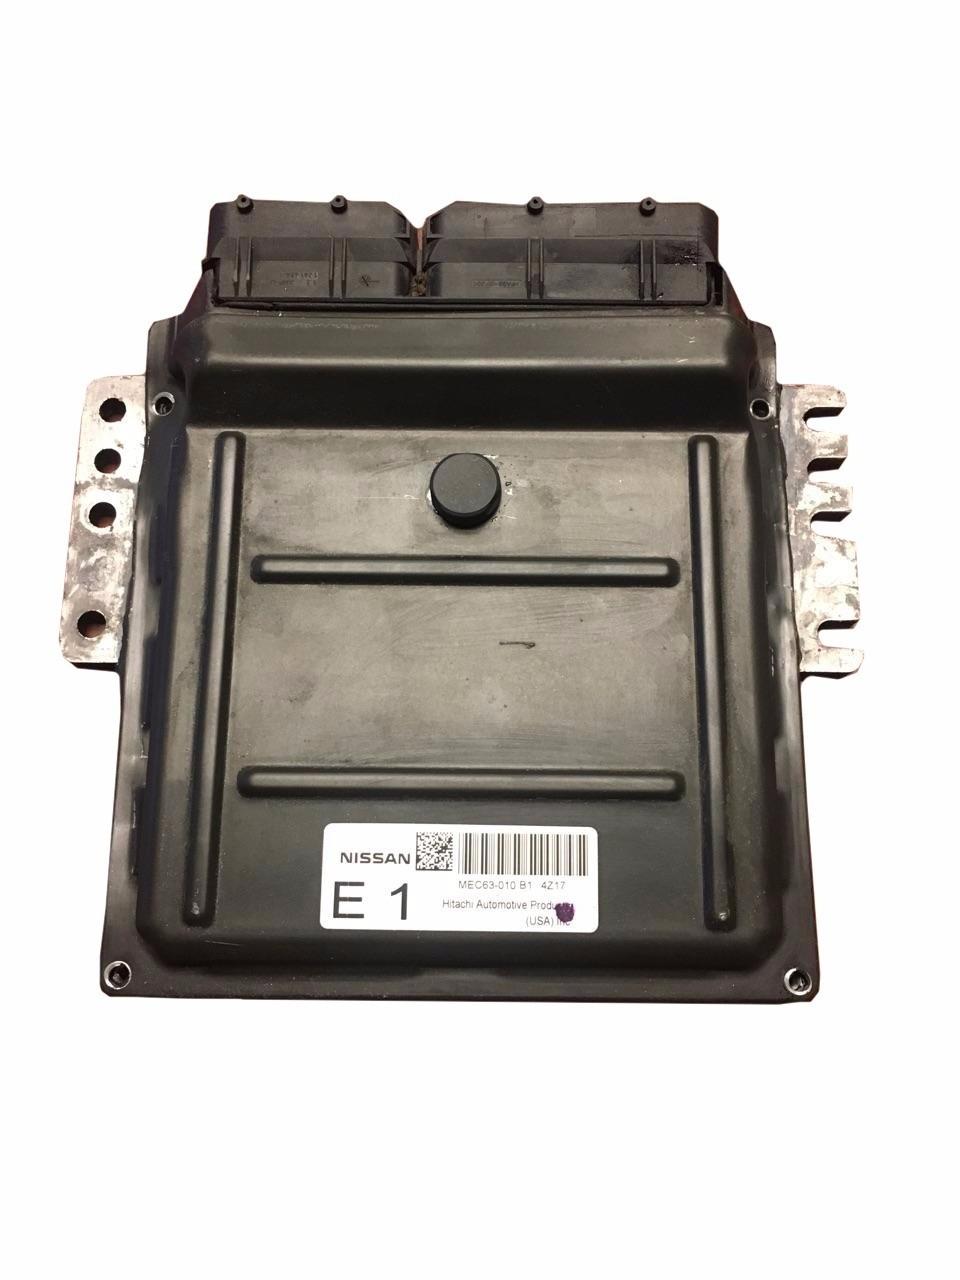 2007 Nissan Sentra 2 0L PCM / ECM / ECU REPAIR SERVICE ONLY